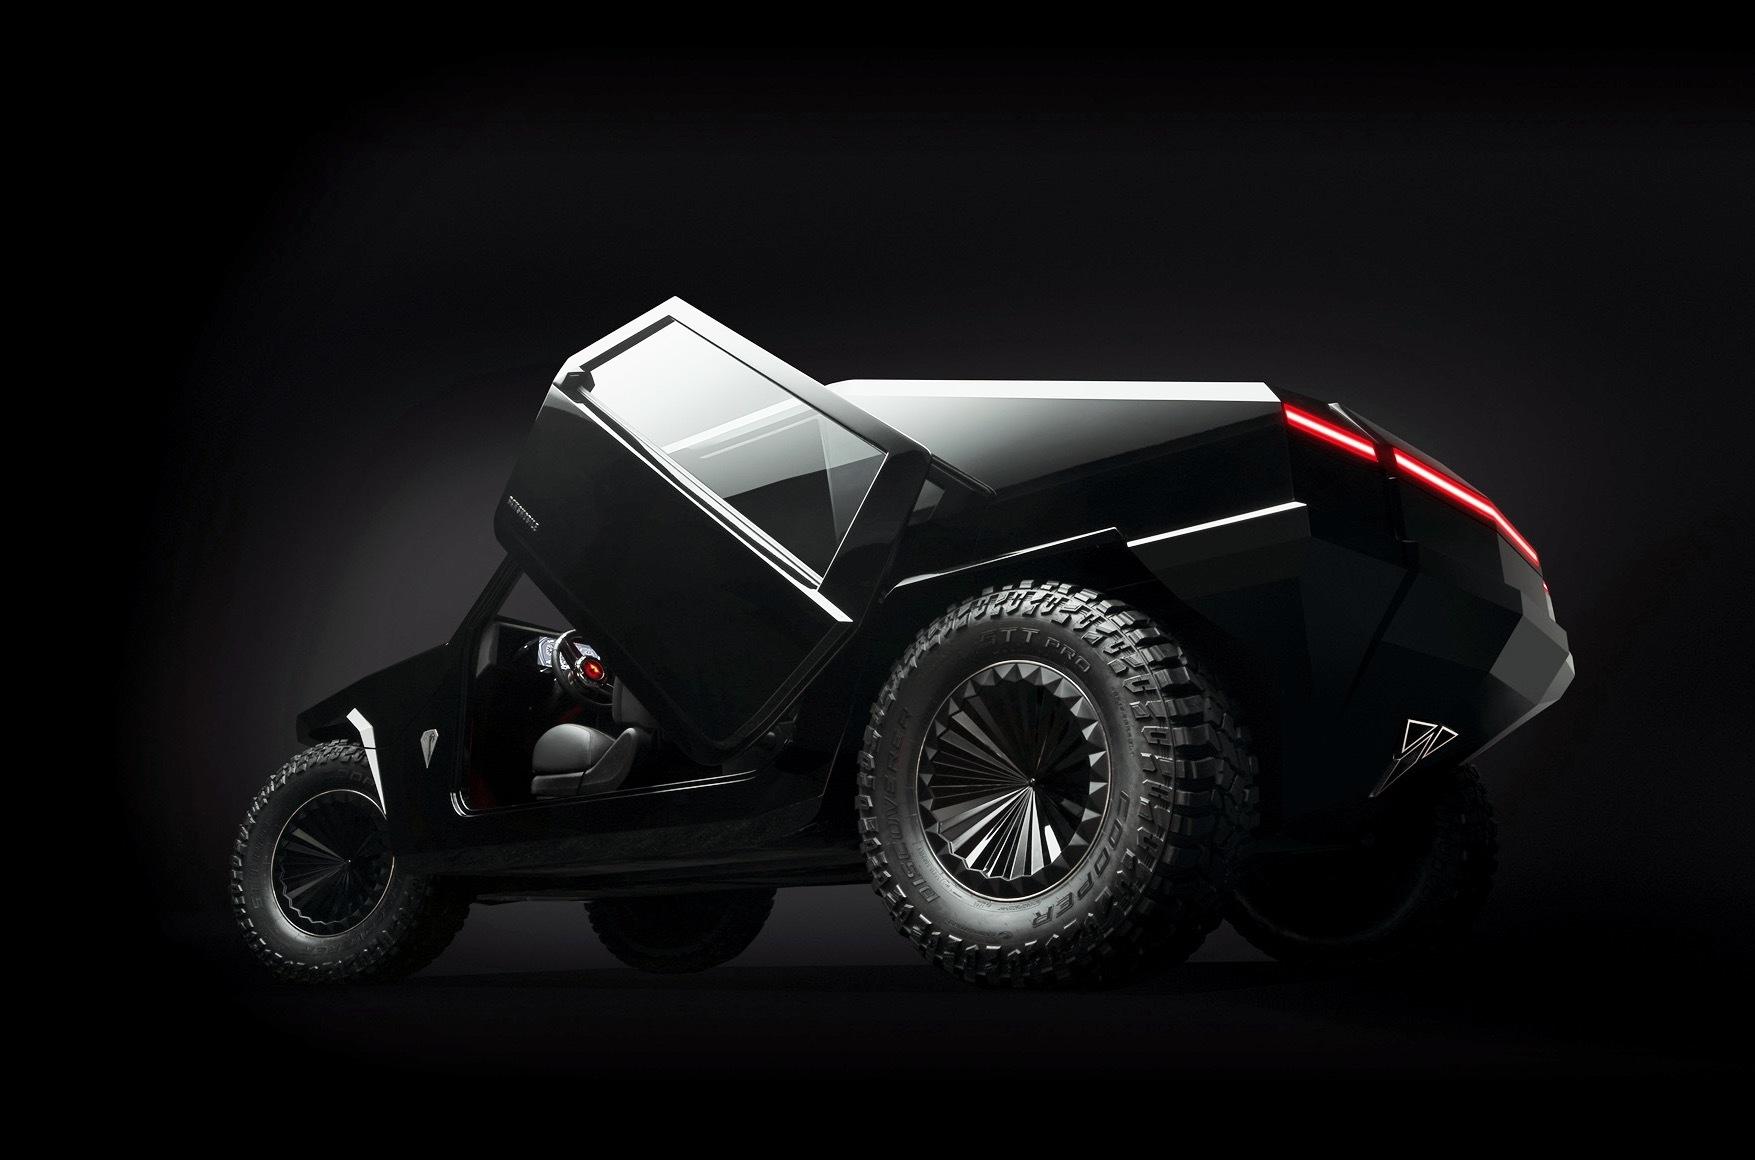 В рамках открывшегося мотор-шоу во Франкфурте компания Ramsmobile (США) презентовала Protos RM-X2 – брутальный внедорожник с клиренсом 400-700 мм, способный перемещаться в условиях экстремального бездорожья с помощью гусеницы.